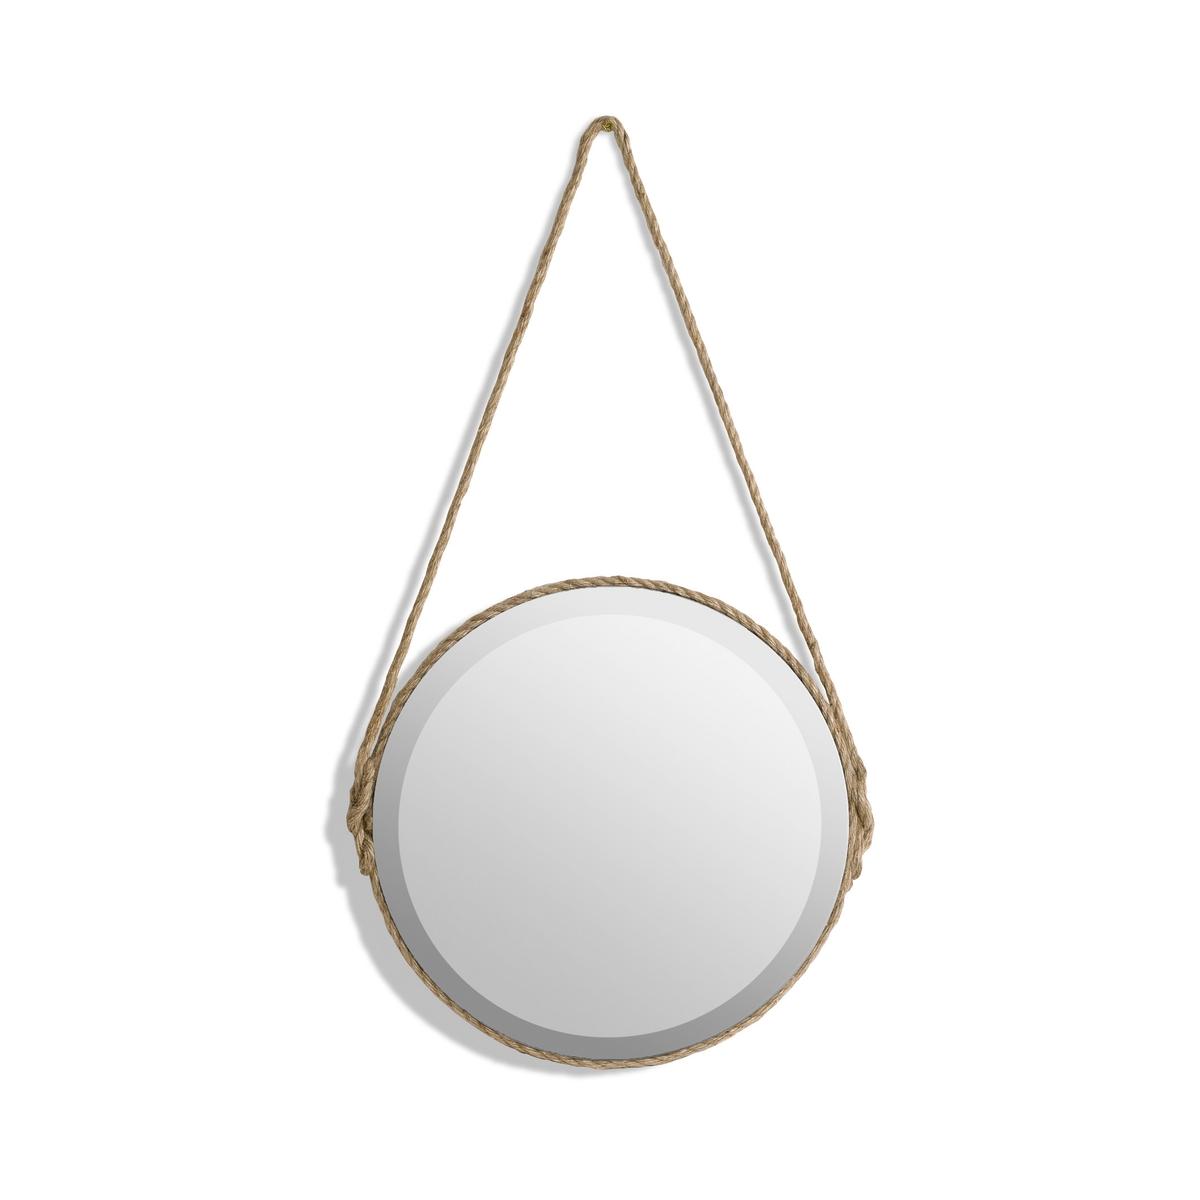 Зеркало Lien, диаметр 35 смХарактеристики :- Отделка цветным шнуром из хлопка, шнур для подвешивания.- Задняя панель из МДФ.Размеры :- Диаметр 35 x высота 64,5 см.- Зеркало, диаметр 35 см<br><br>Цвет: серо-бежевый